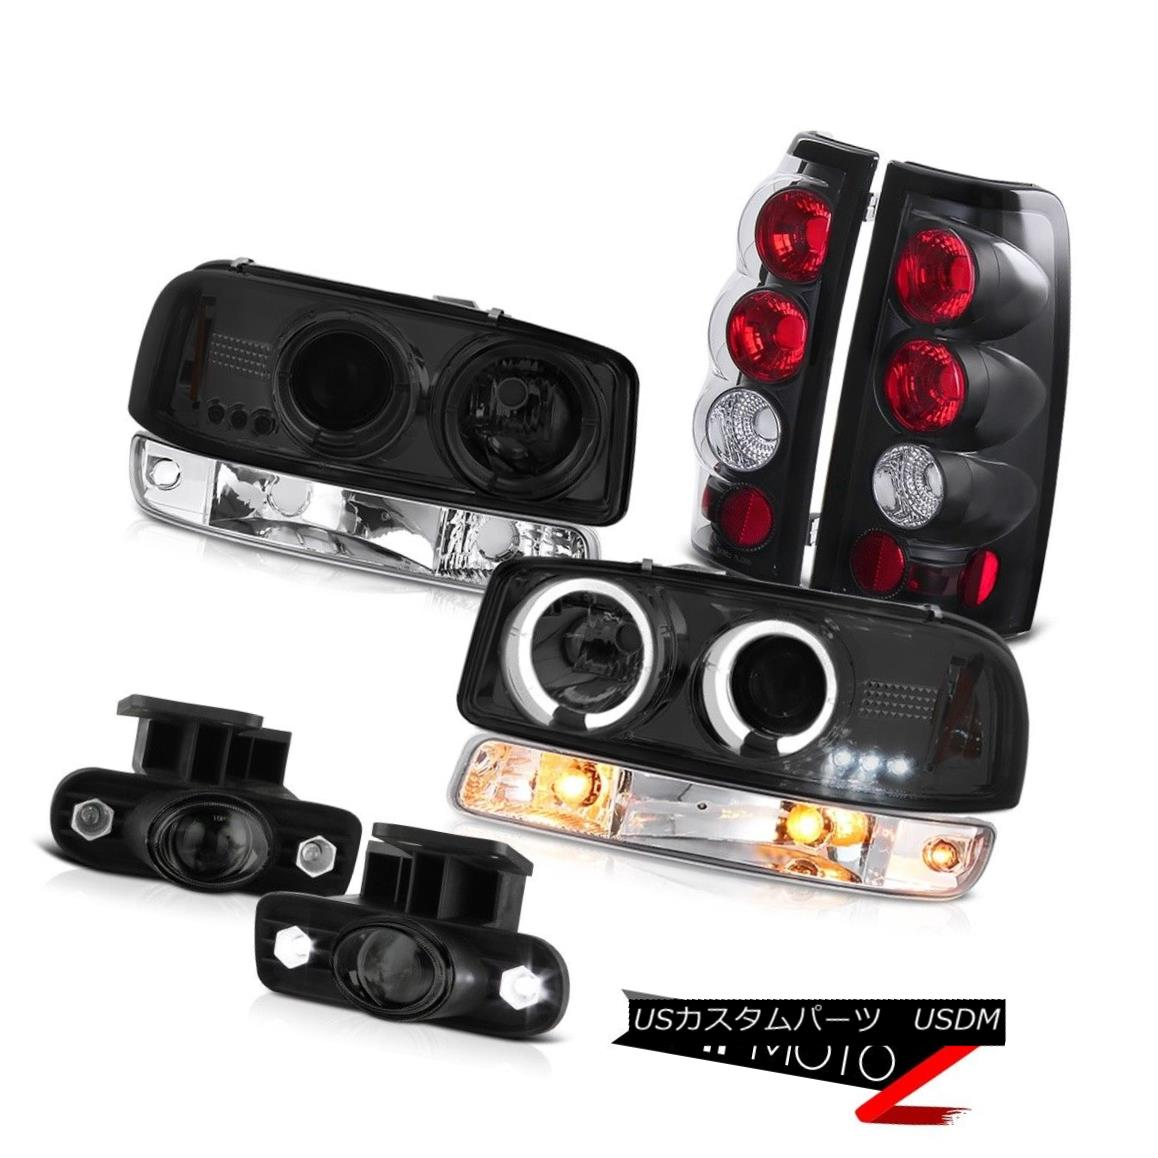 ヘッドライト 99-02 Sierra GMT800 Smokey foglights tail brake lights bumper light headlights 99-02 Sierra GMT800スモーキーフォグライトテールブレーキライトバンパーライトヘッドライト